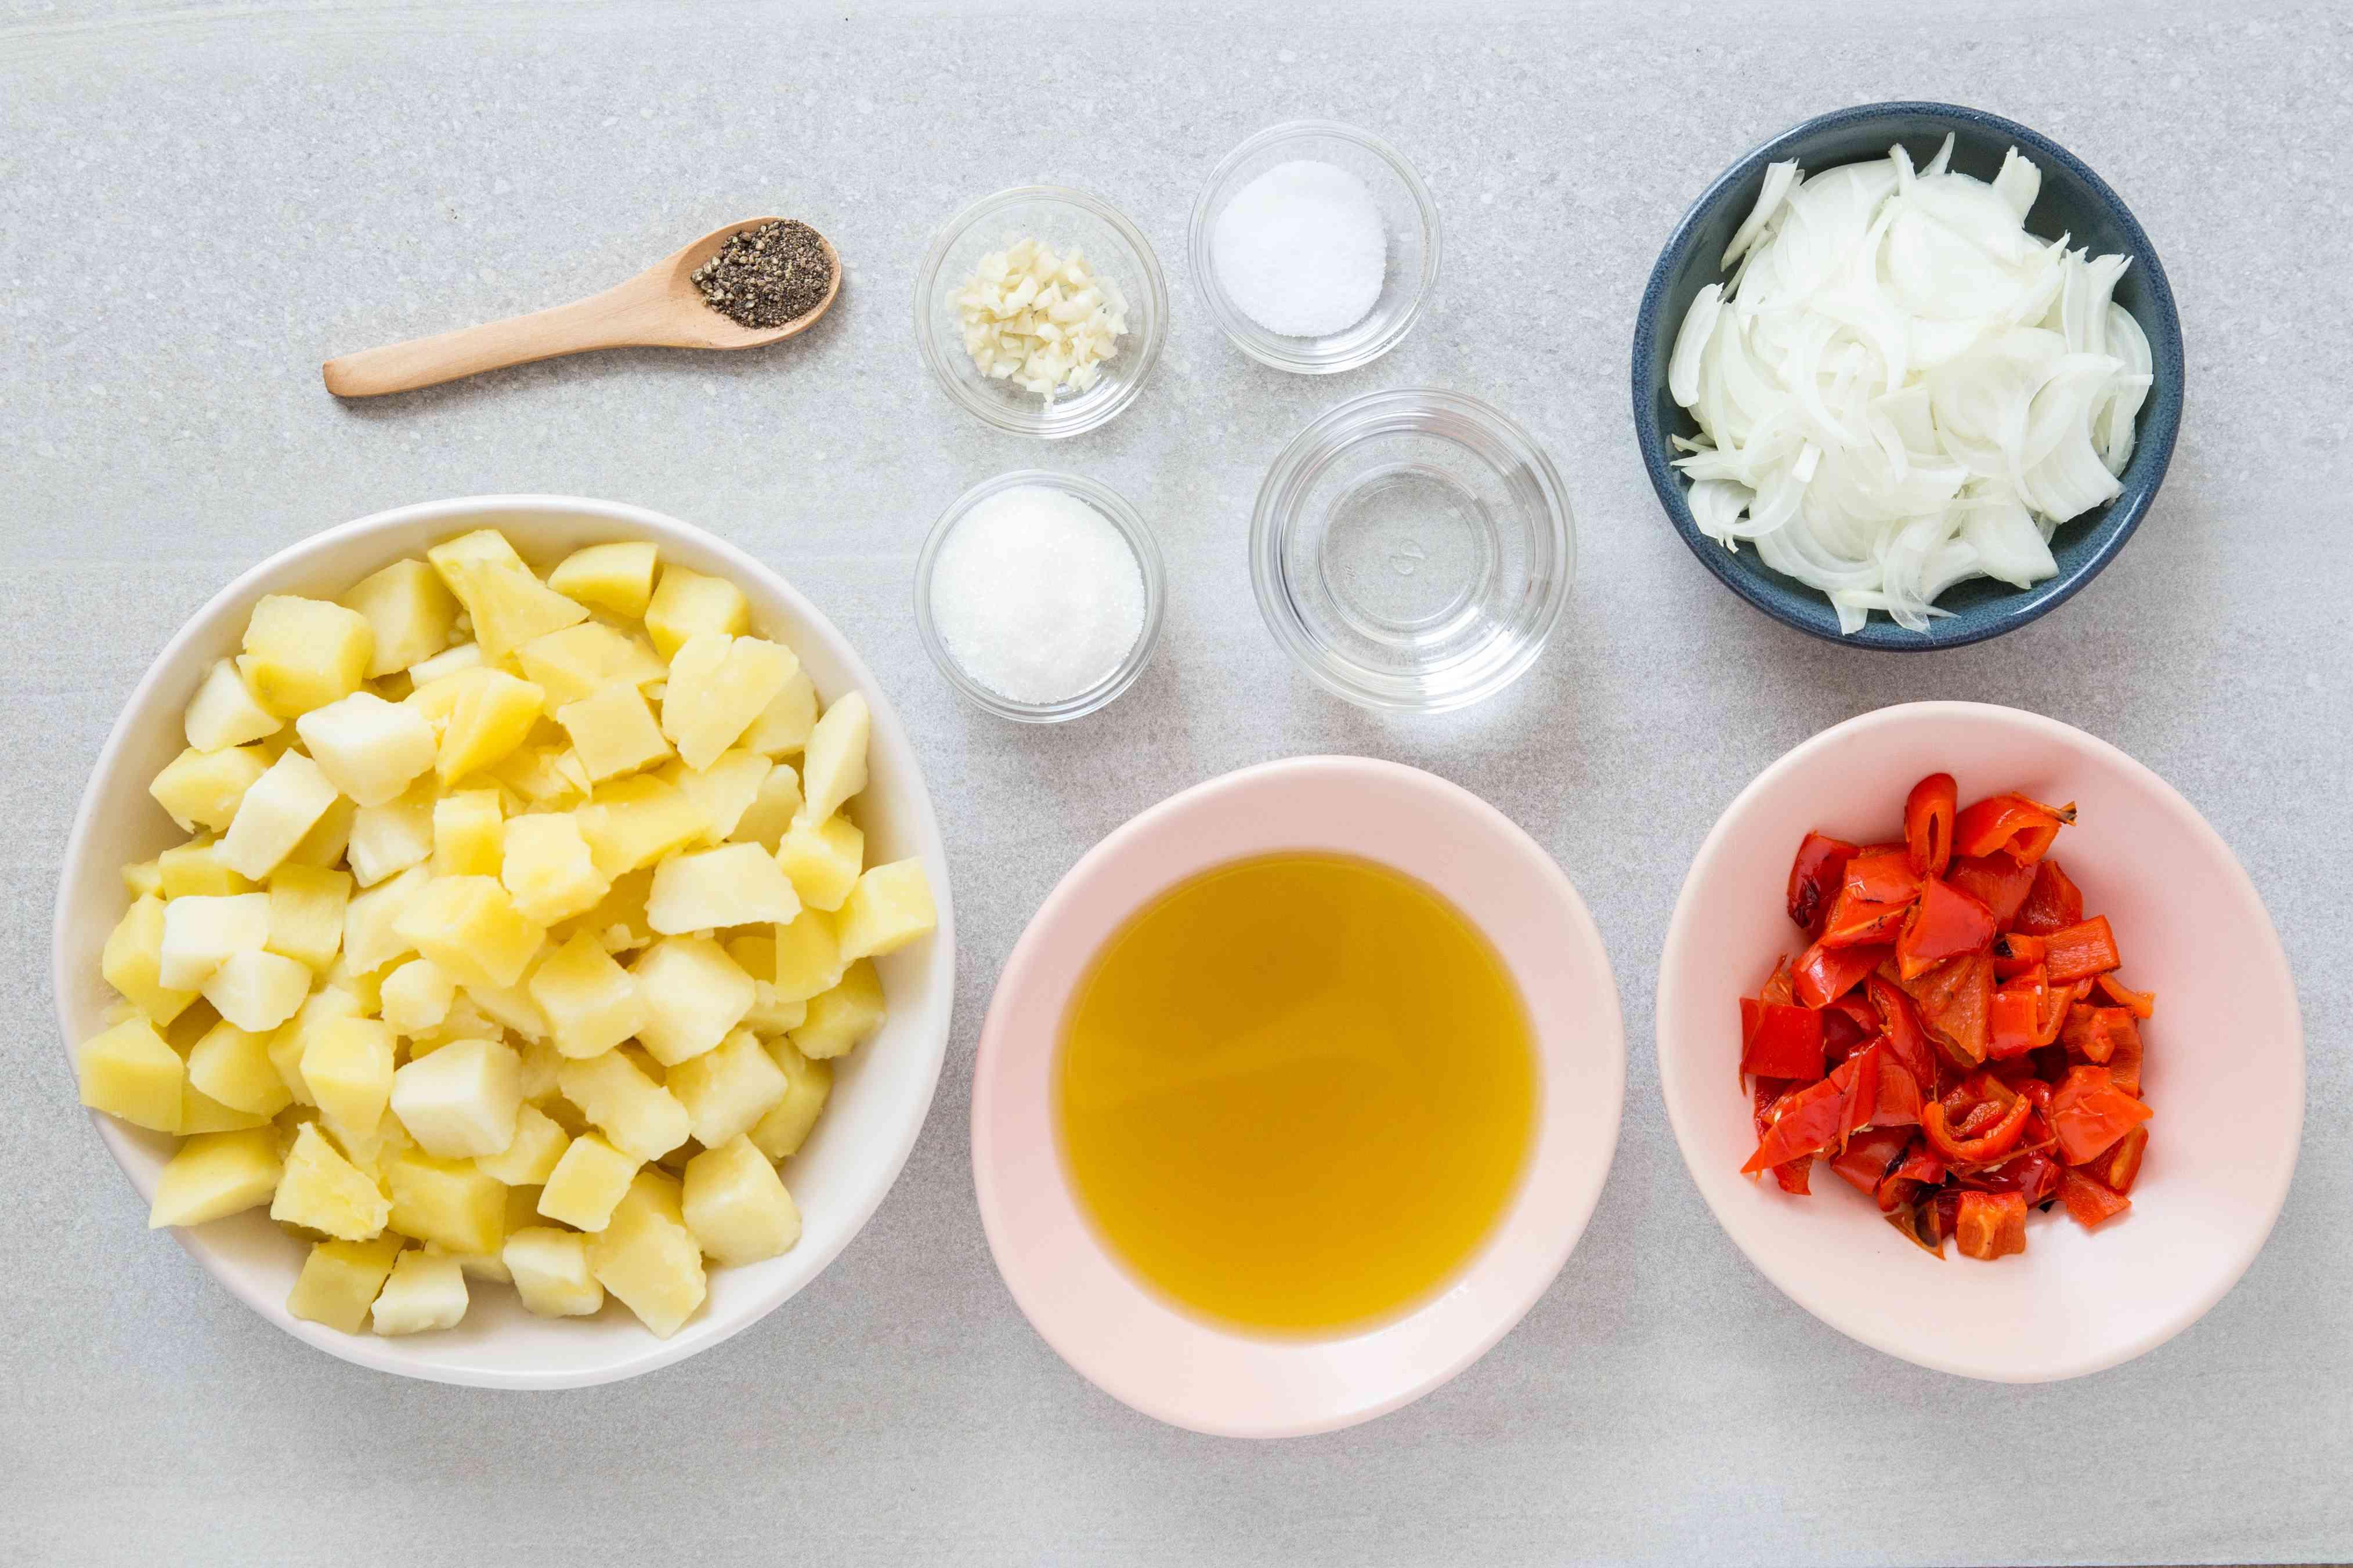 Serbian Potato Salad - Krompir Salata ingredients